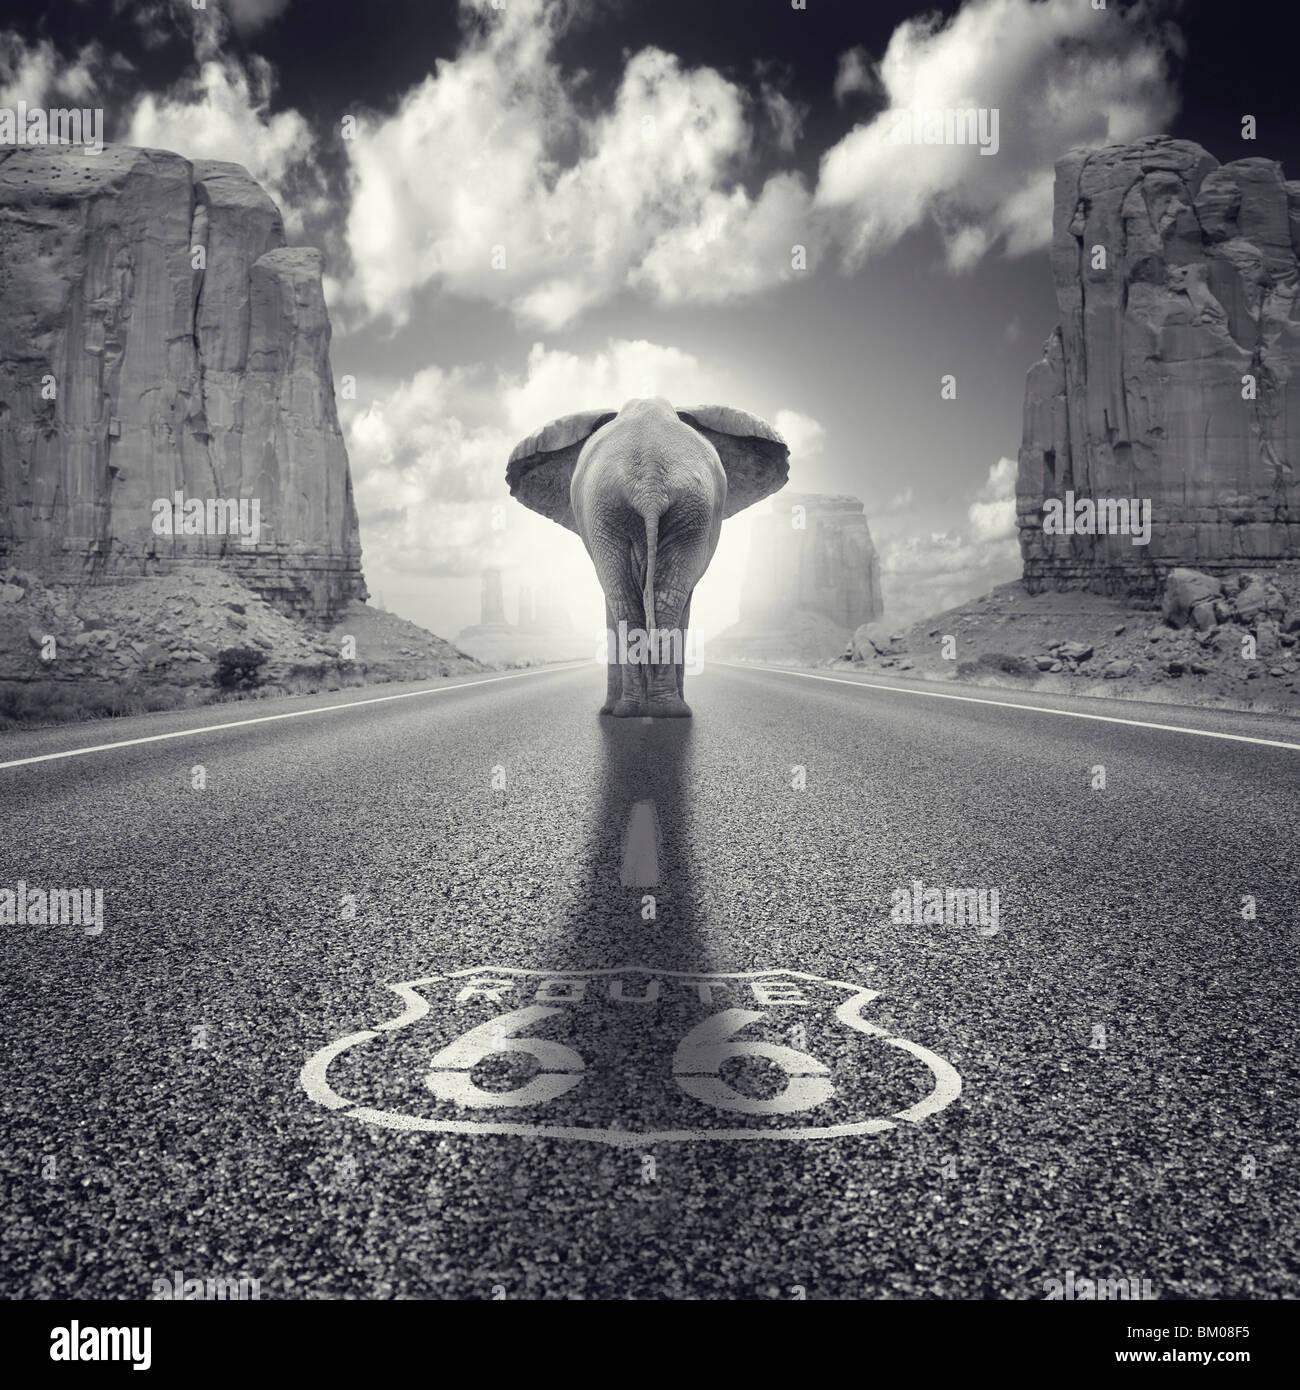 Un elefante caminando a lo largo de la ruta 66 en EE.UU. Monument valley Imagen De Stock